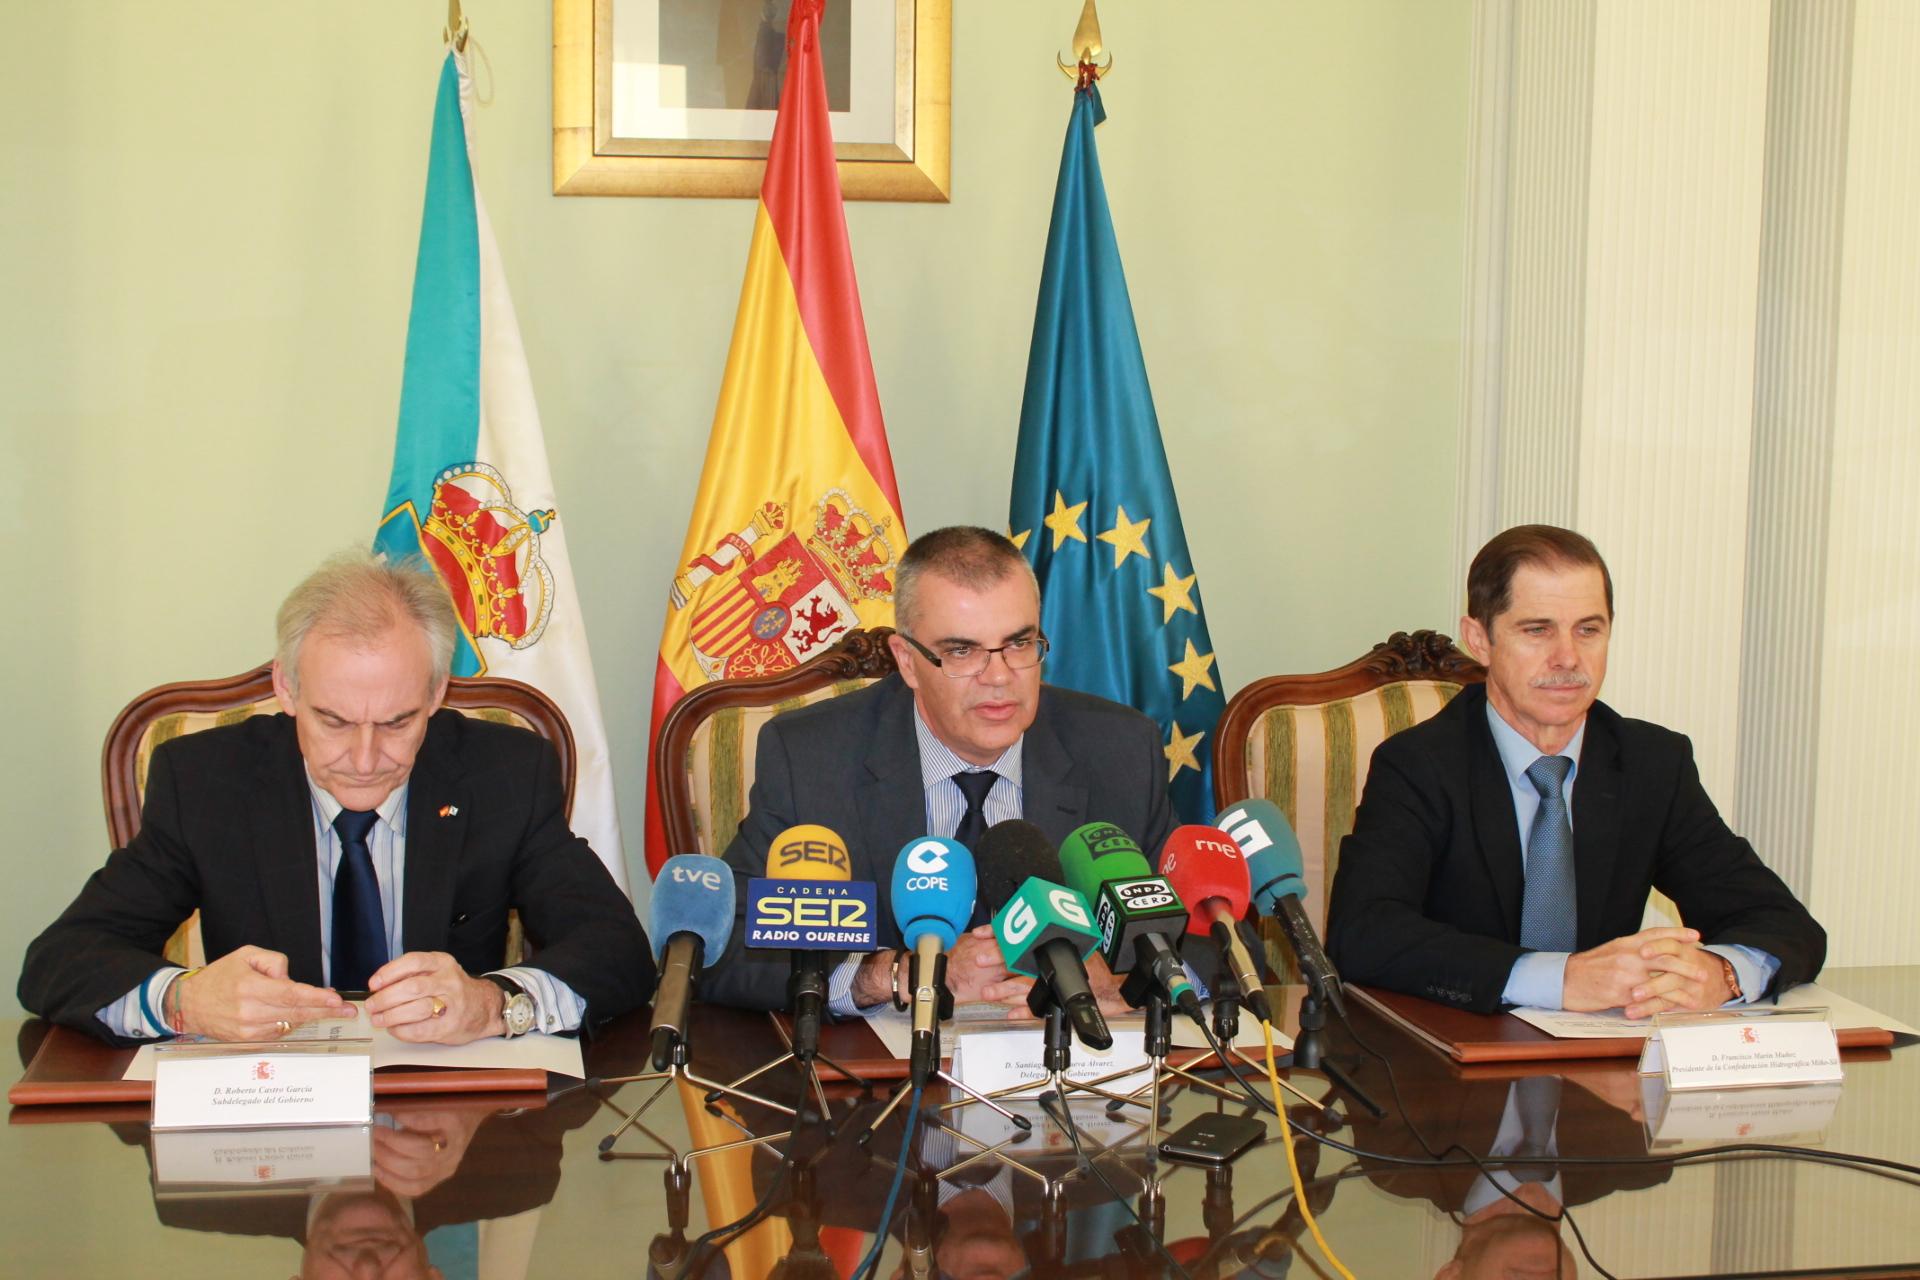 El Ministerio de Agricultura, Alimentación y Medio Ambiente invertirá 500.000€ en actuaciones de emergencia en la provincia de Ourense